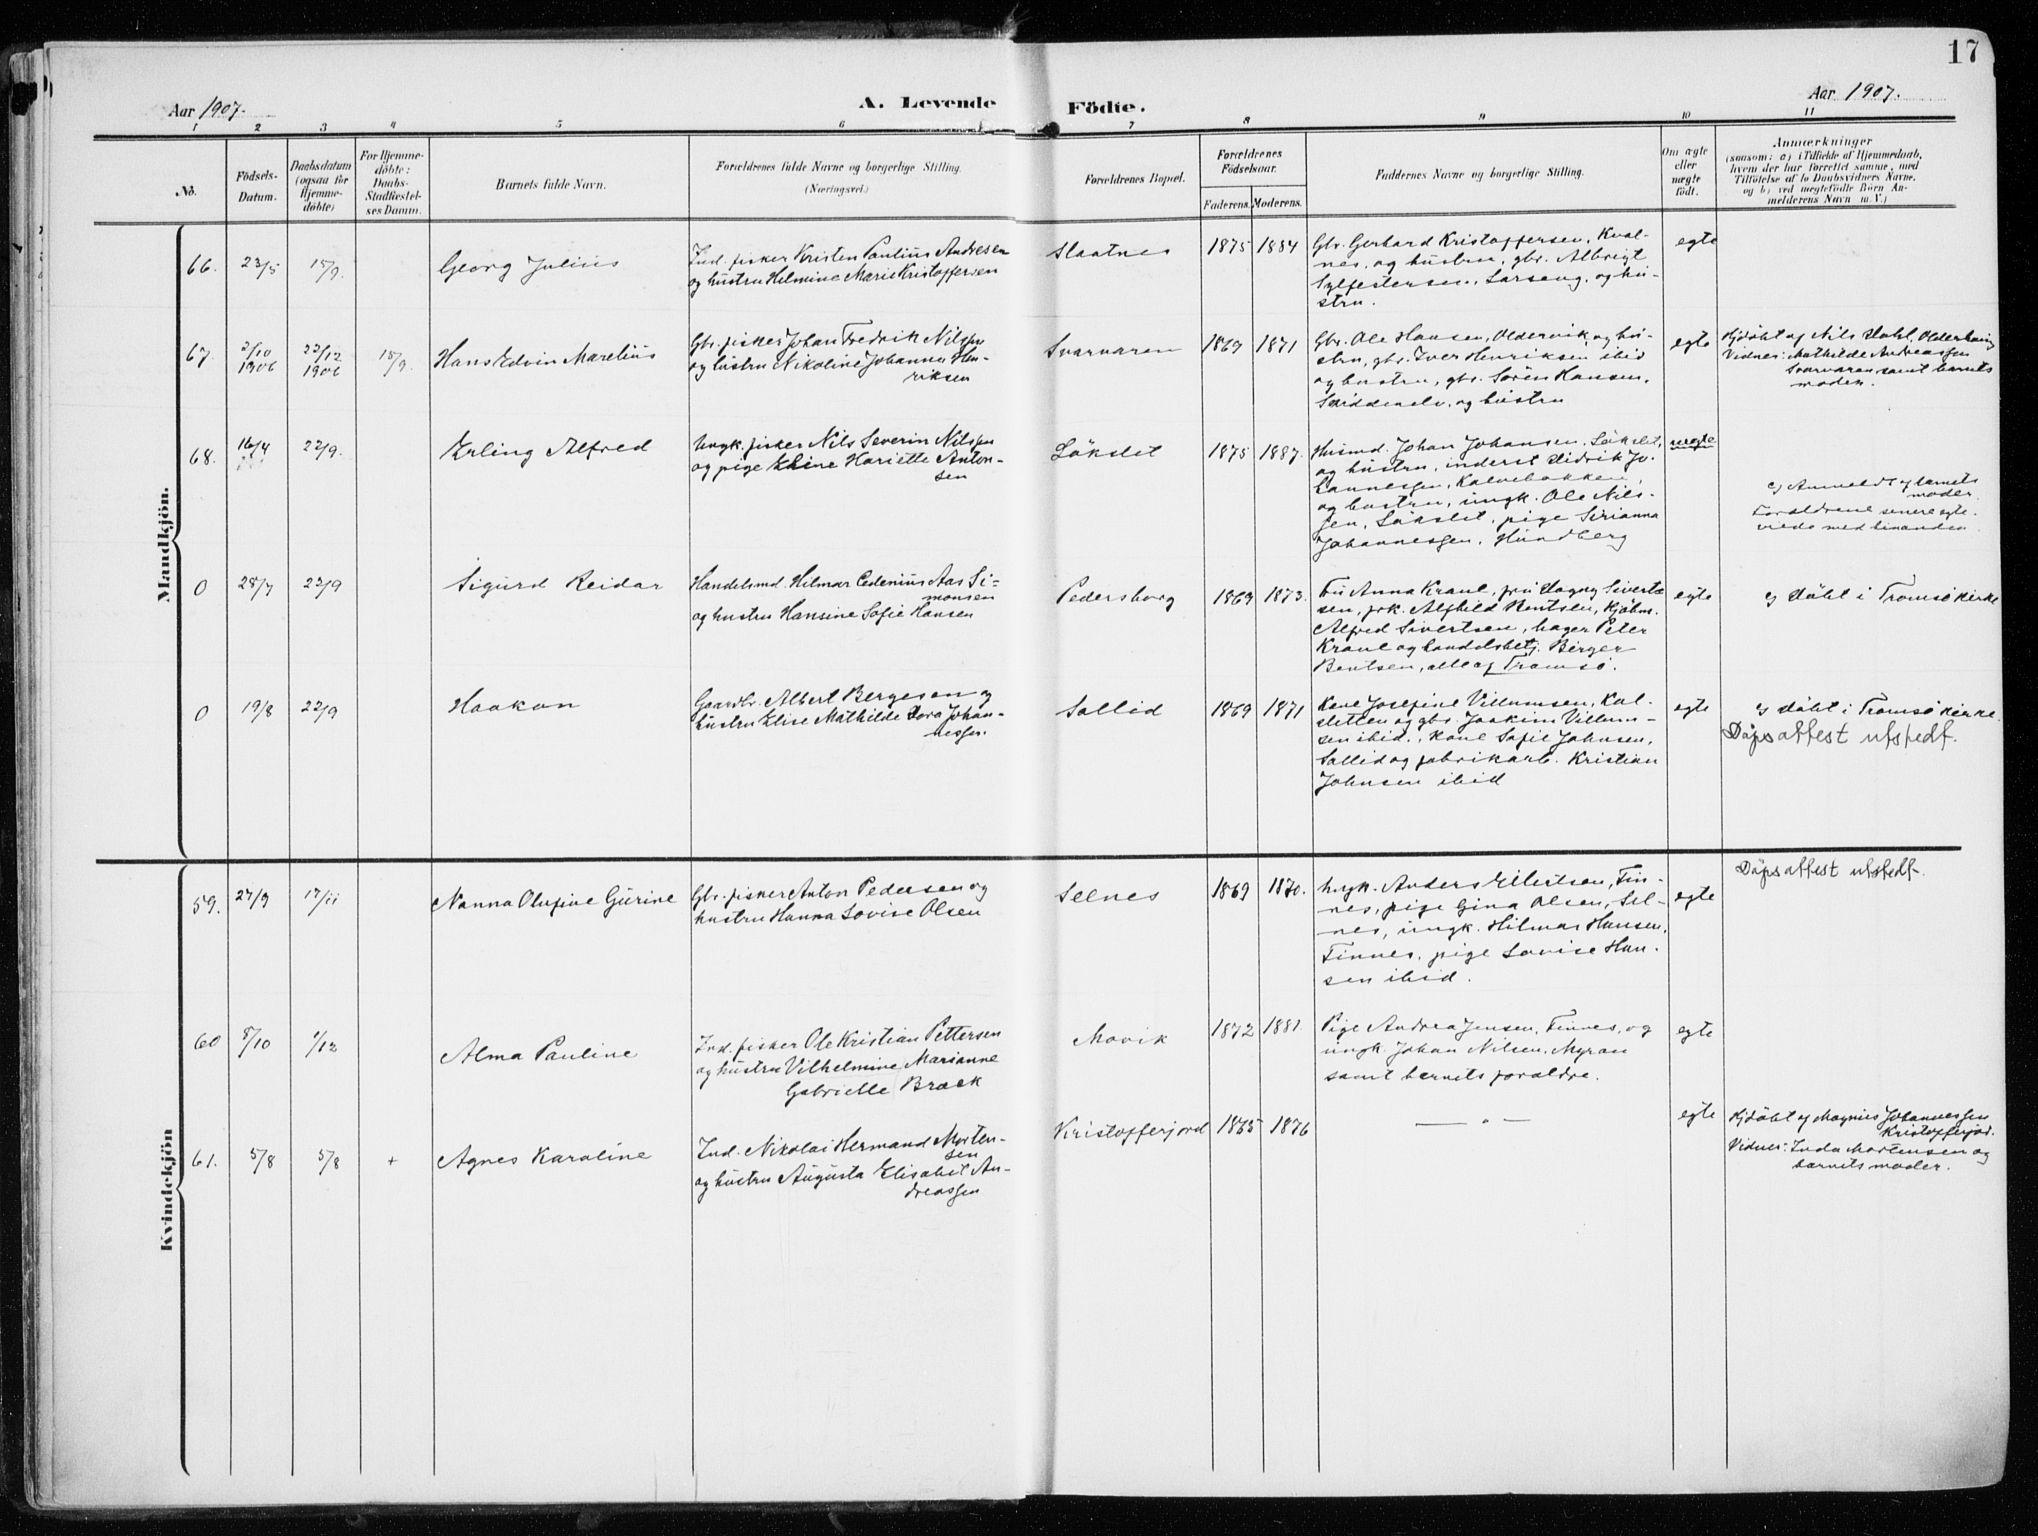 SATØ, Tromsøysund sokneprestkontor, G/Ga/L0007kirke: Ministerialbok nr. 7, 1907-1914, s. 17